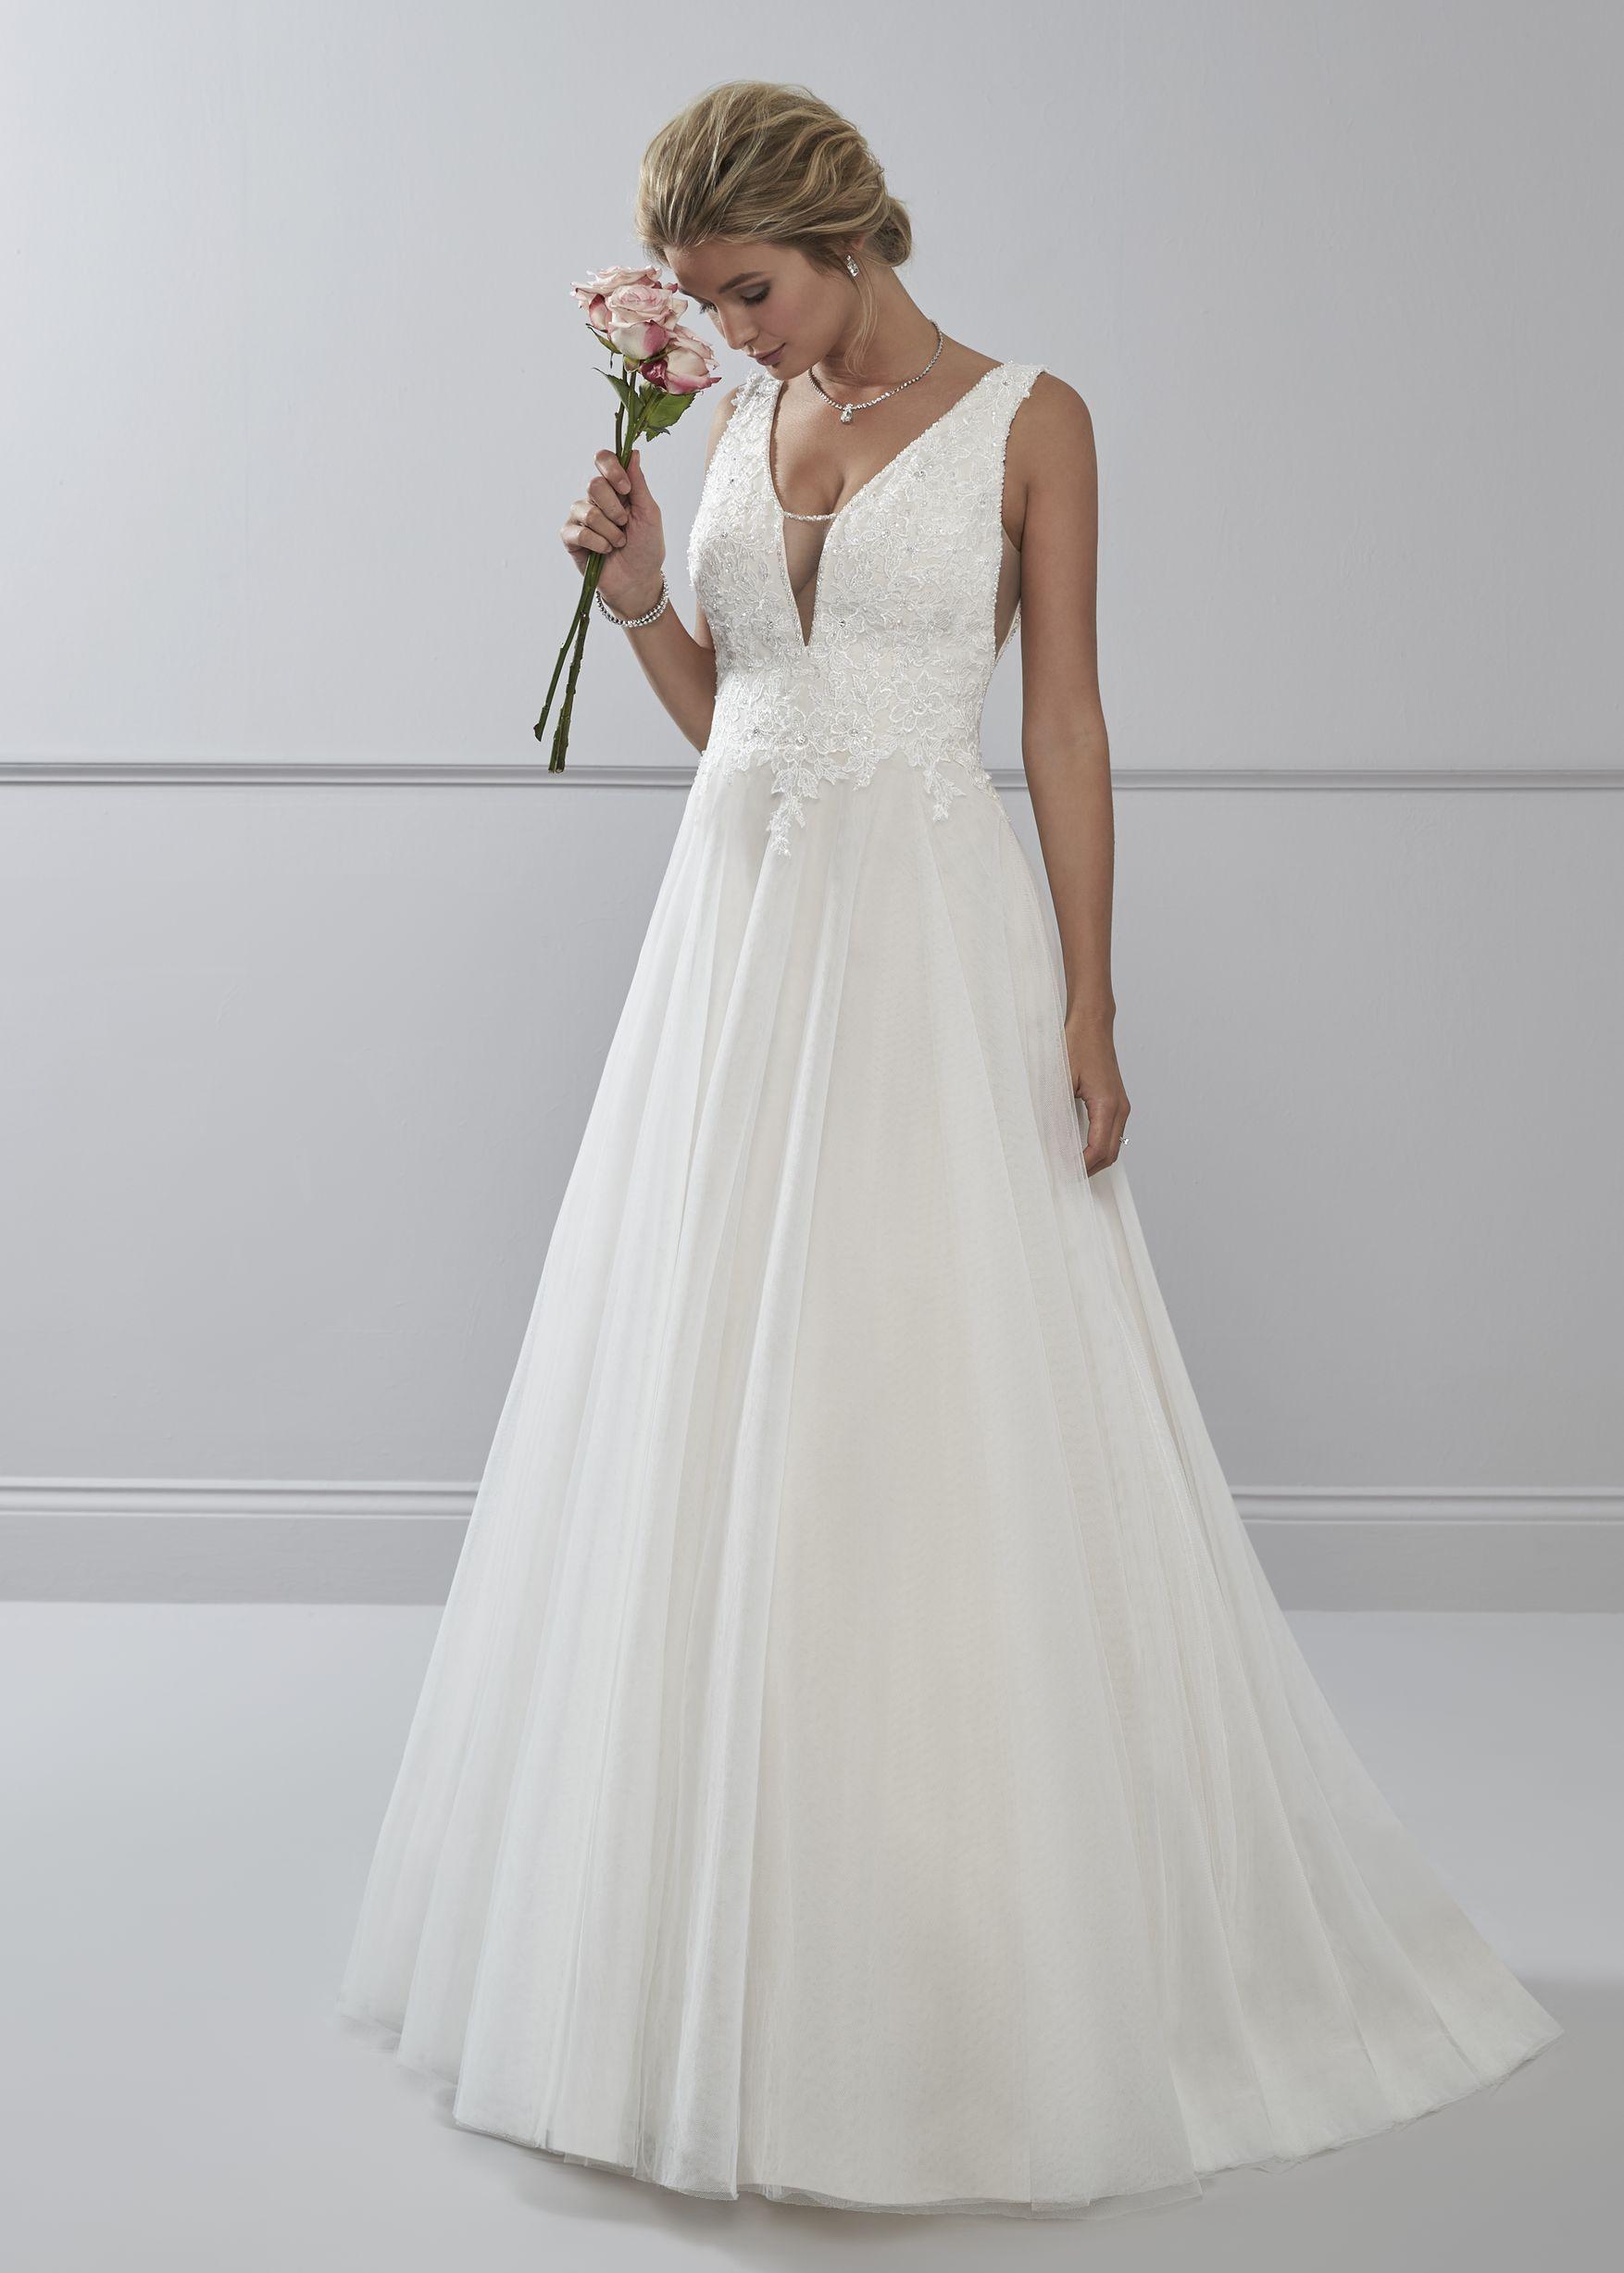 Pin Auf Brautkleider  Wedding Dresses